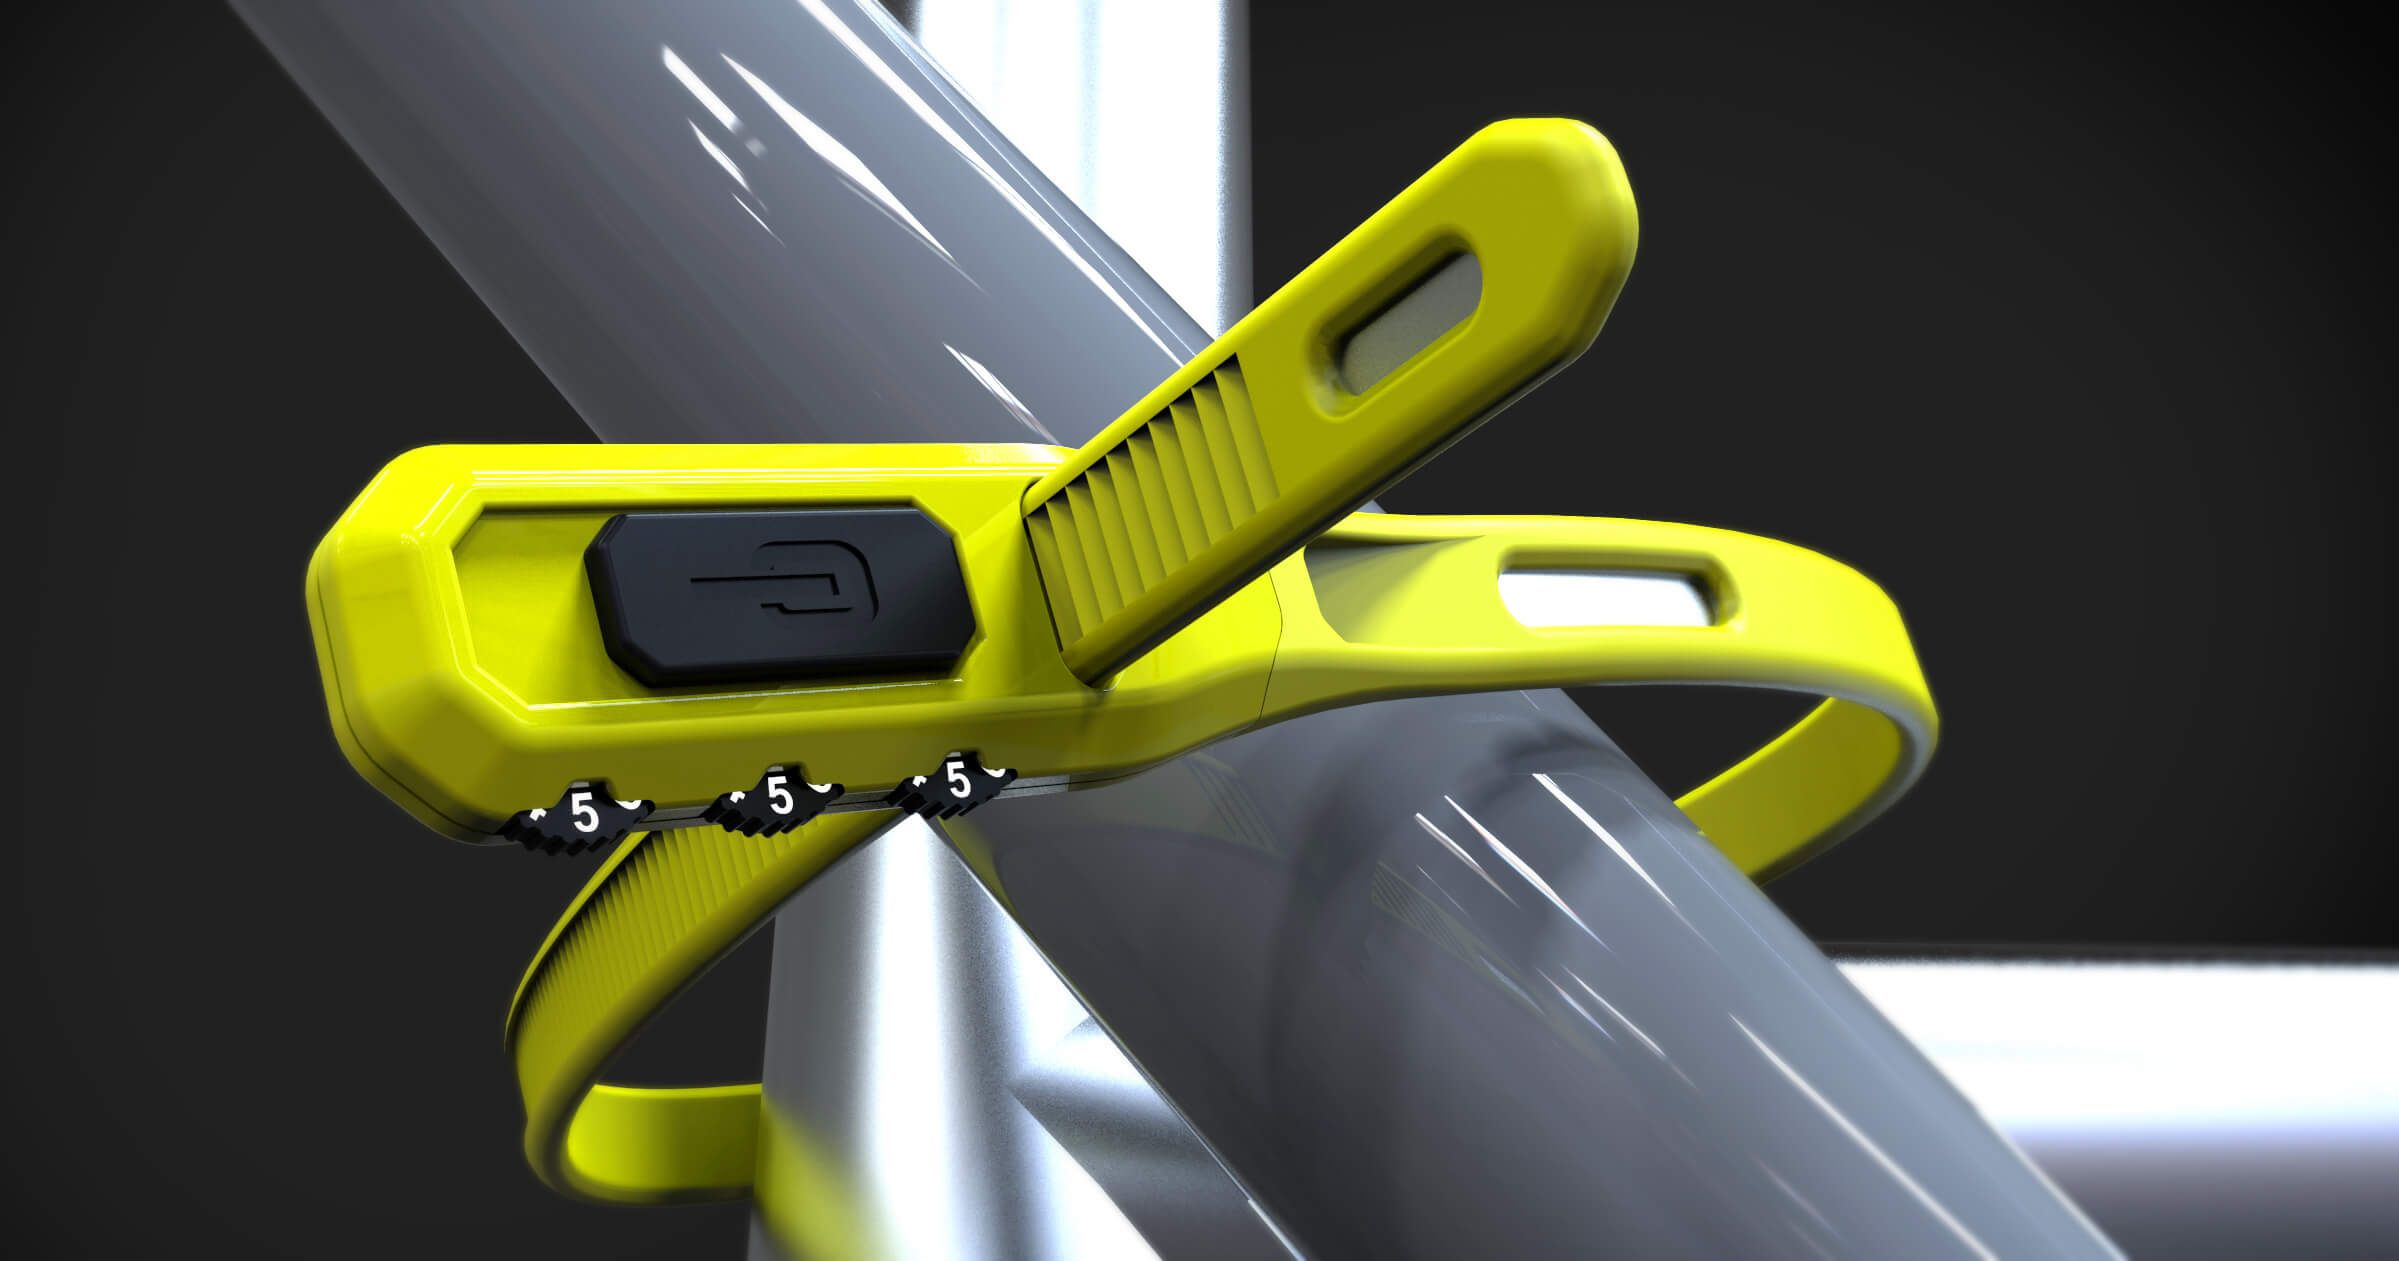 Best Bike Locks Just Got Better Cool Bikes Bike Get Well